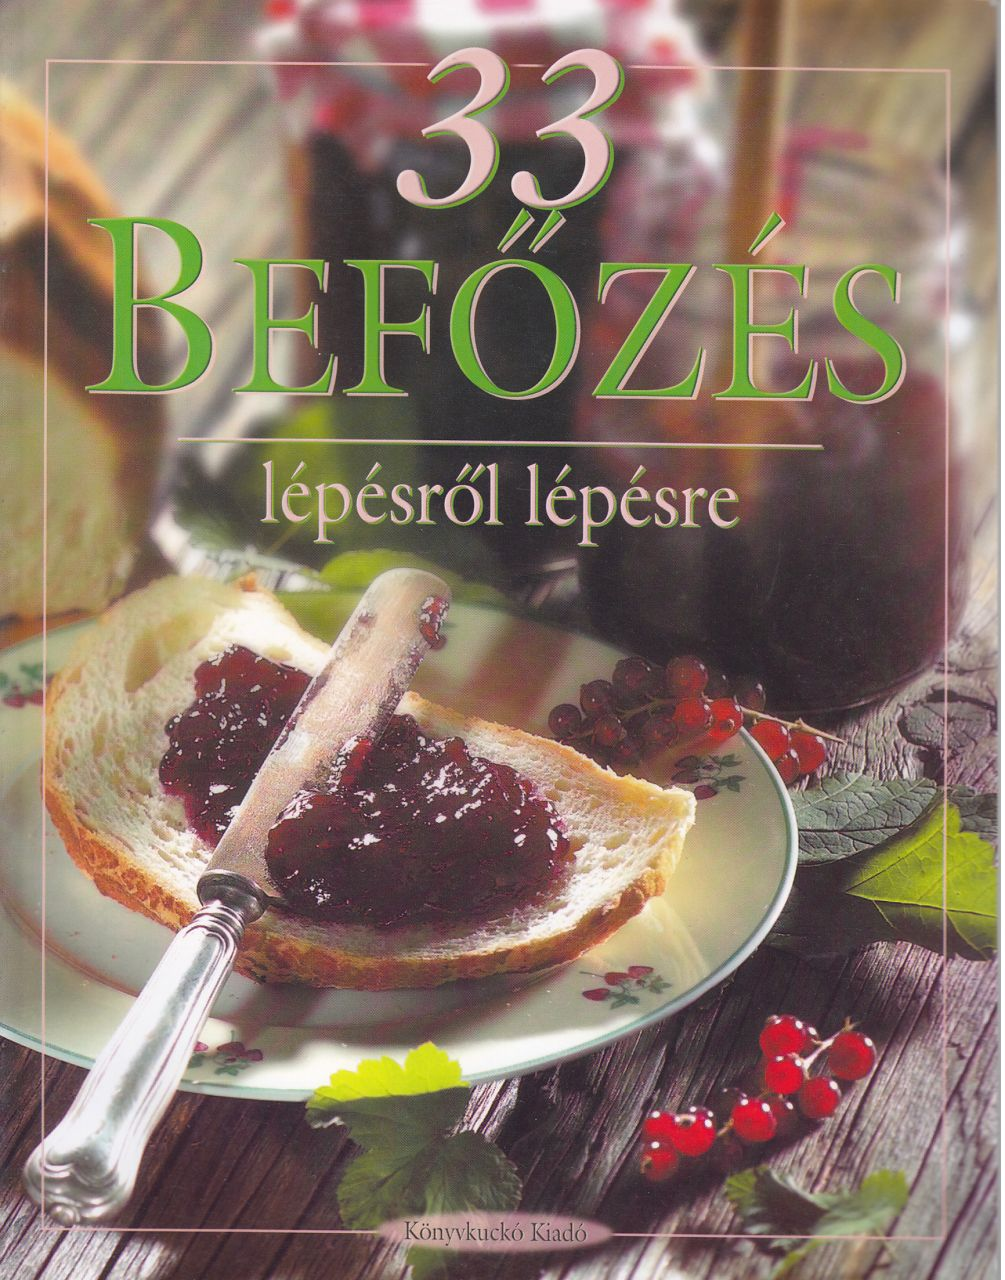 33 Befőzés lépésről lépésre (könyv)